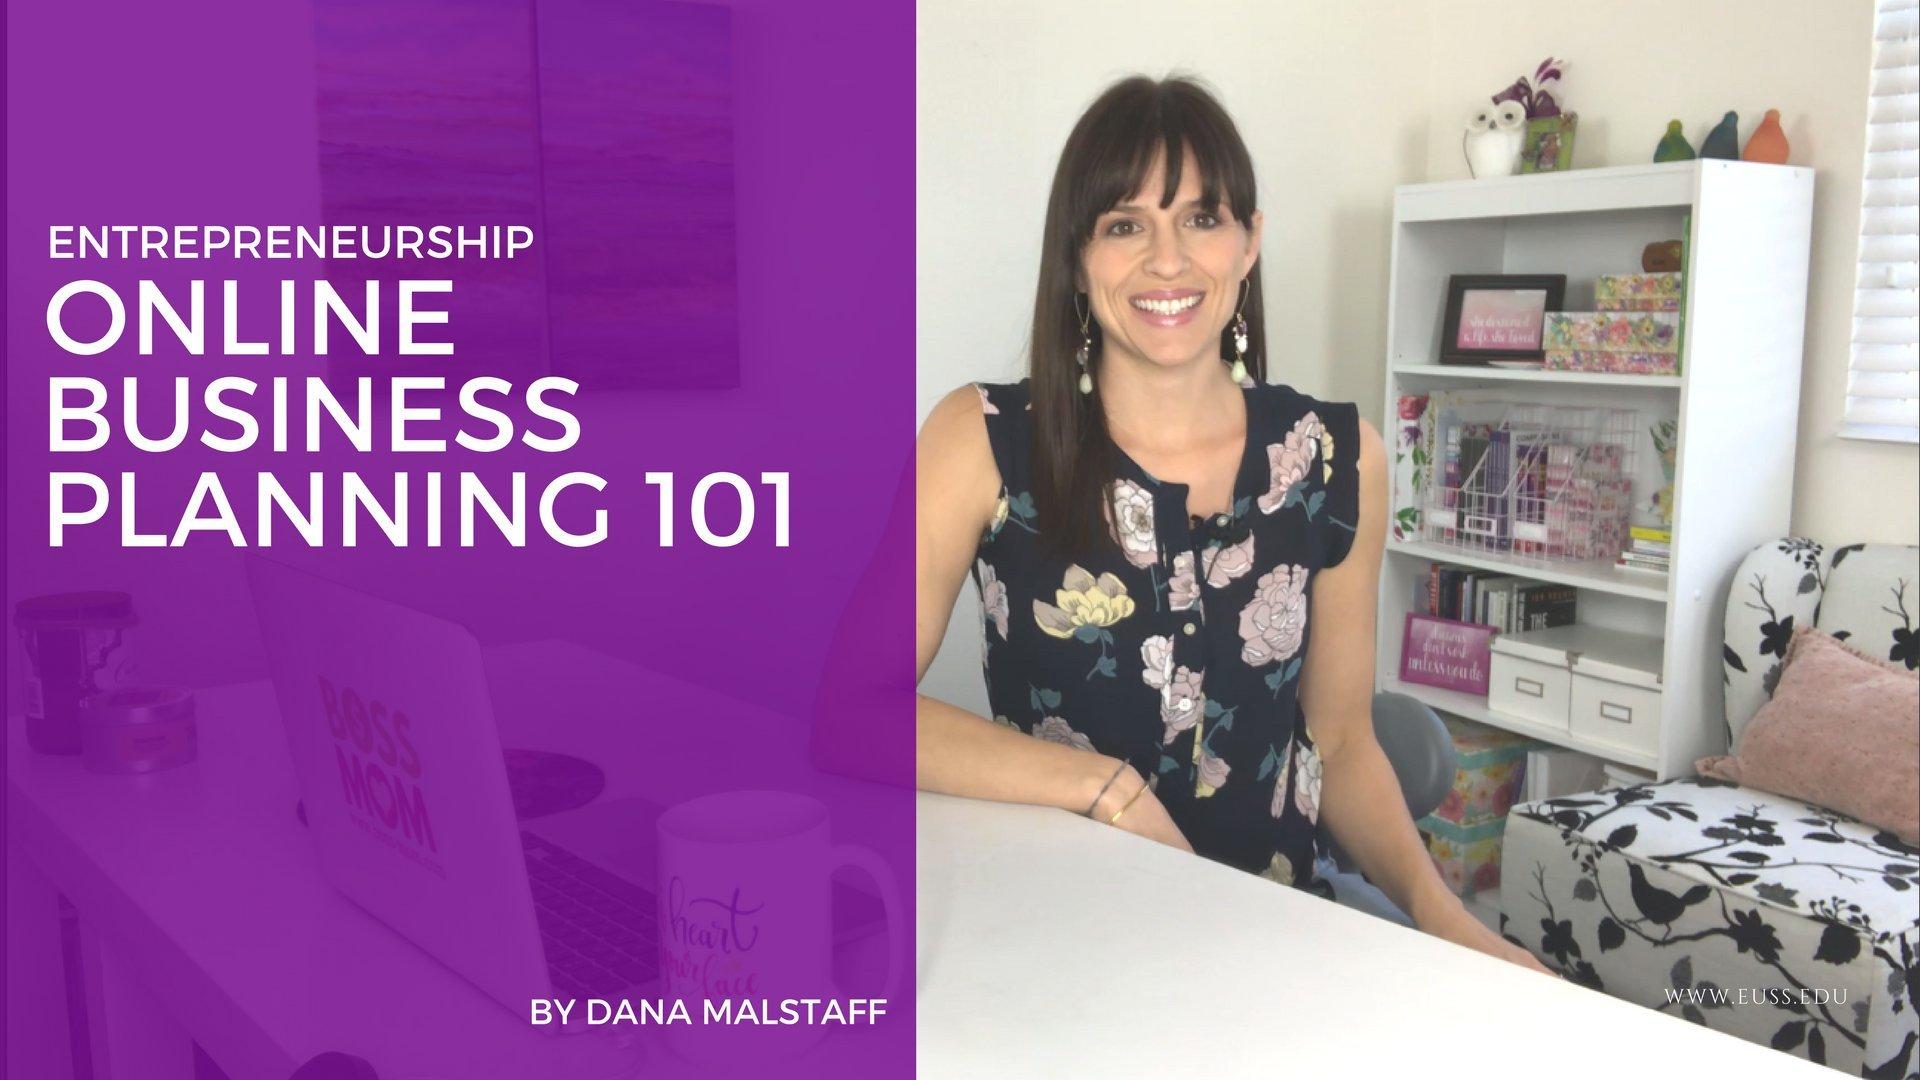 Entrepreneurship: Online Business Planning 101